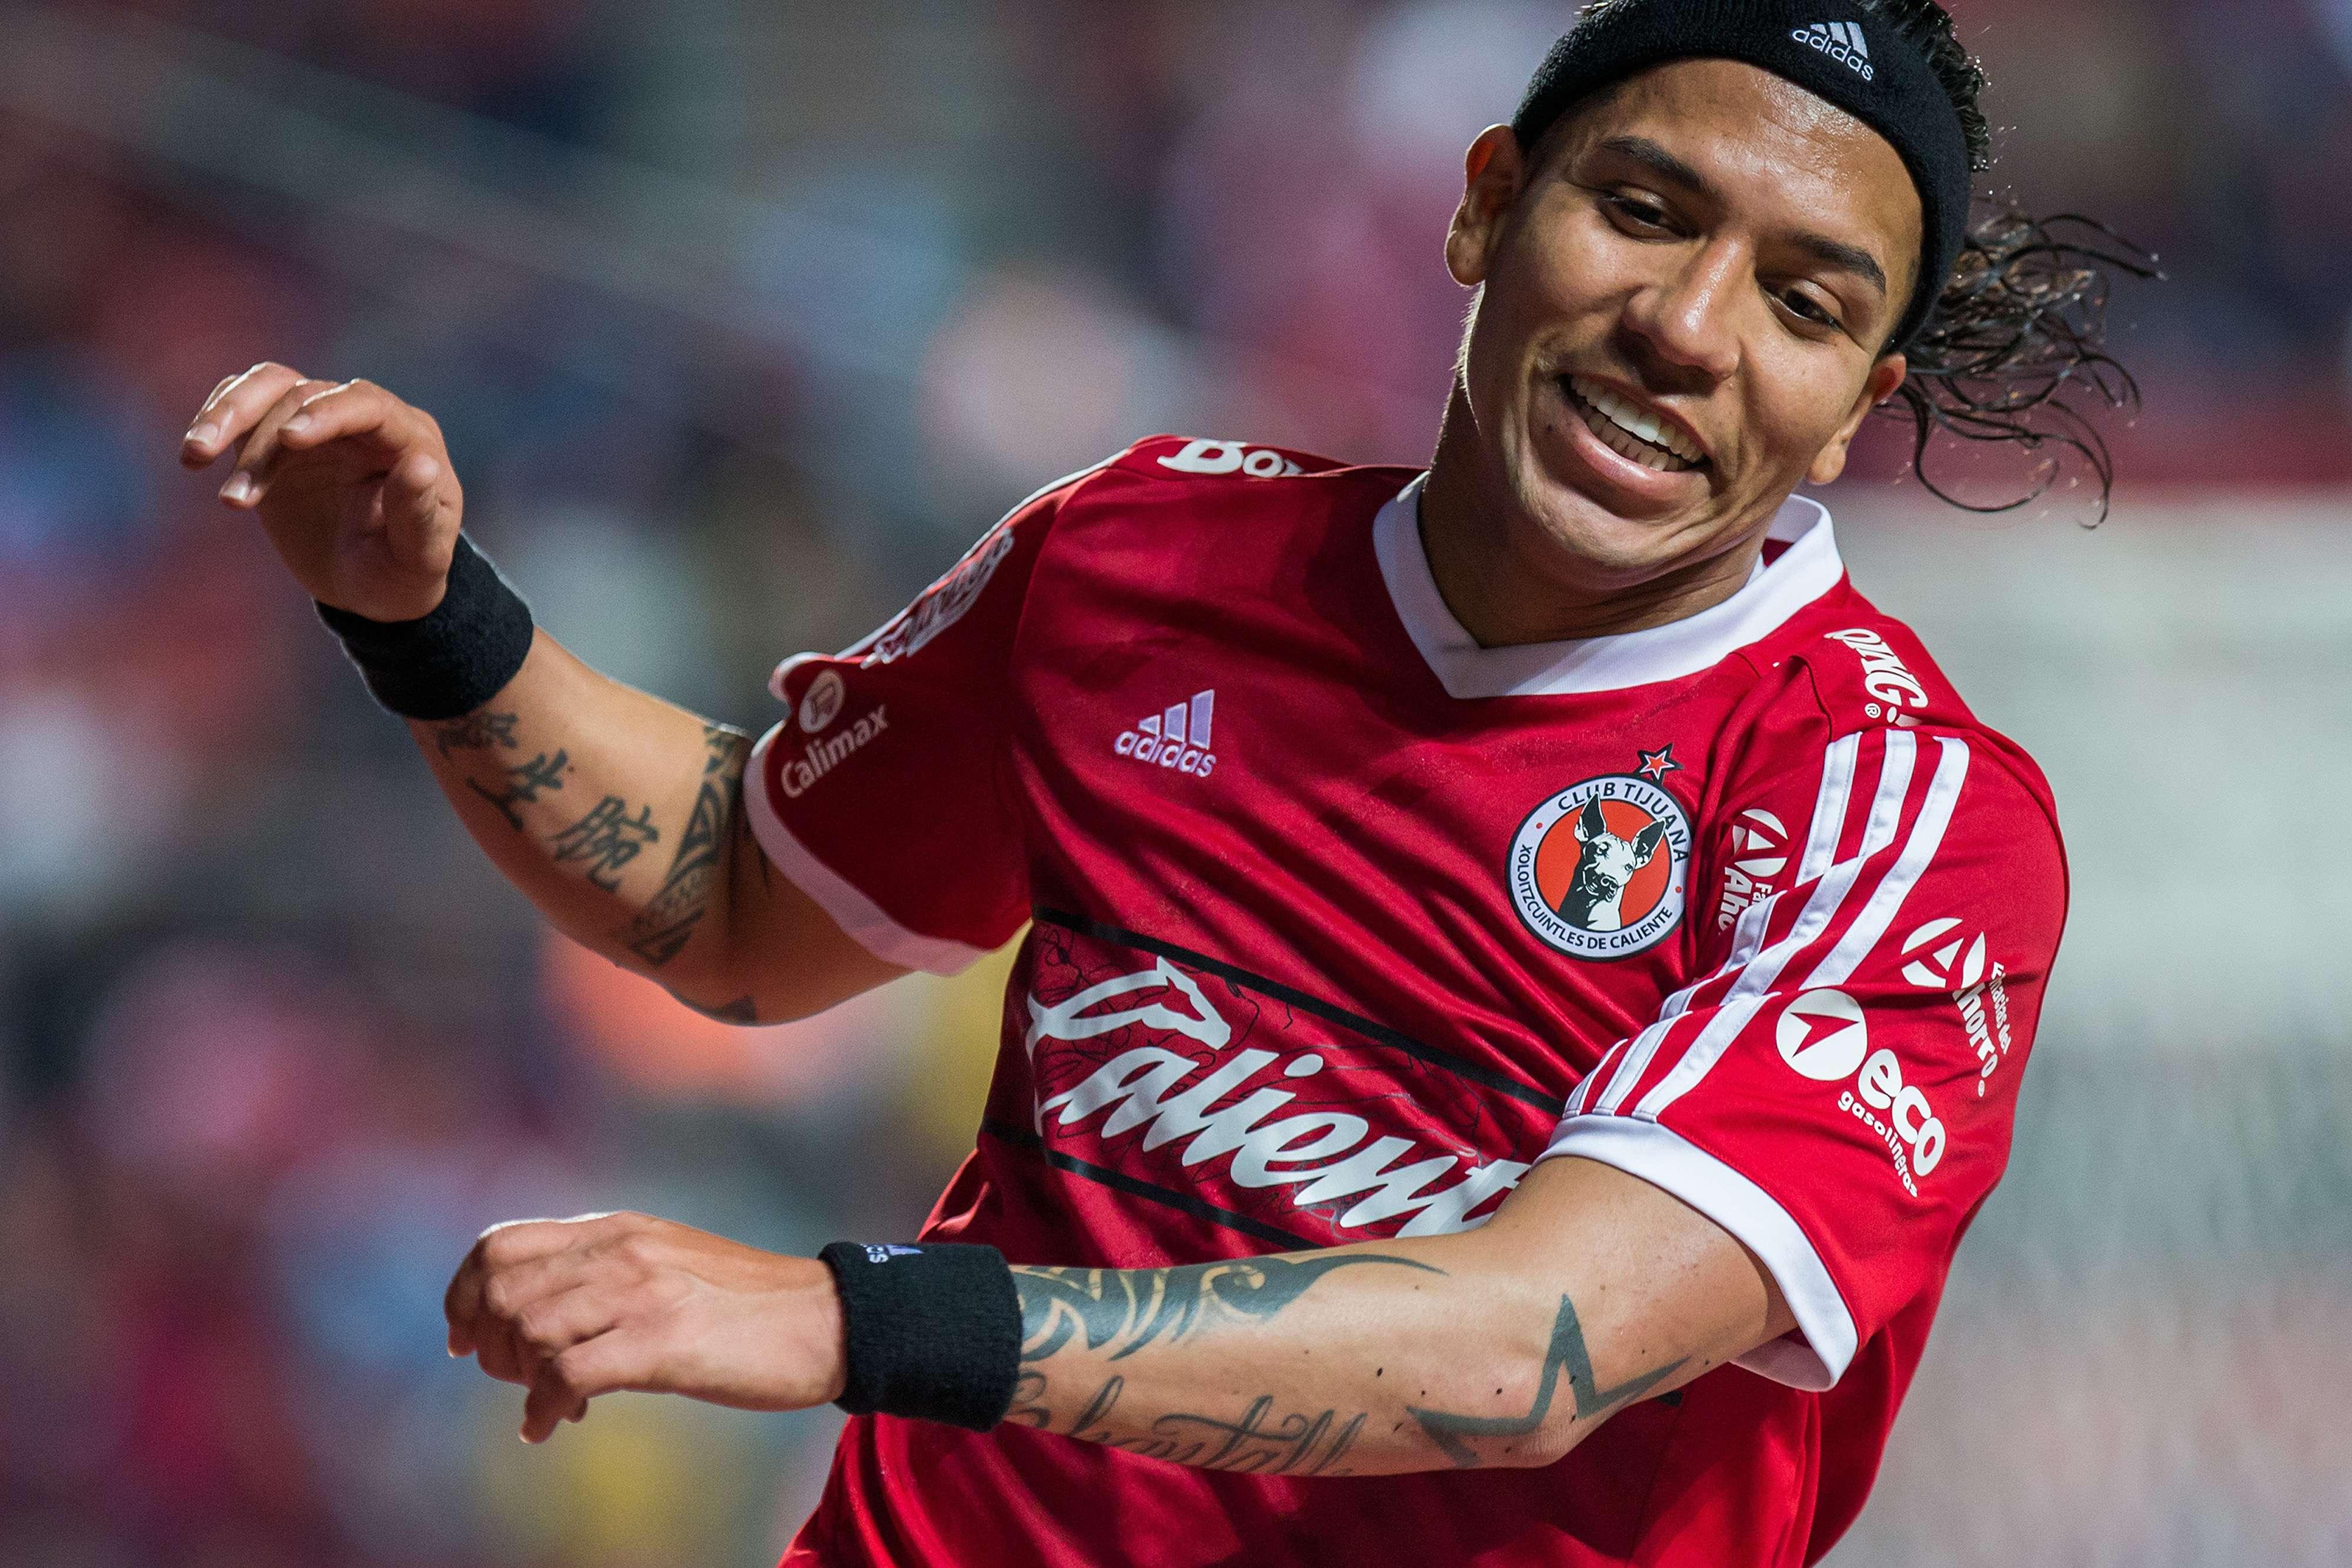 Dayro Moreno tuvo una de esas fallas históricas en el futbol. Foto: Mexsport